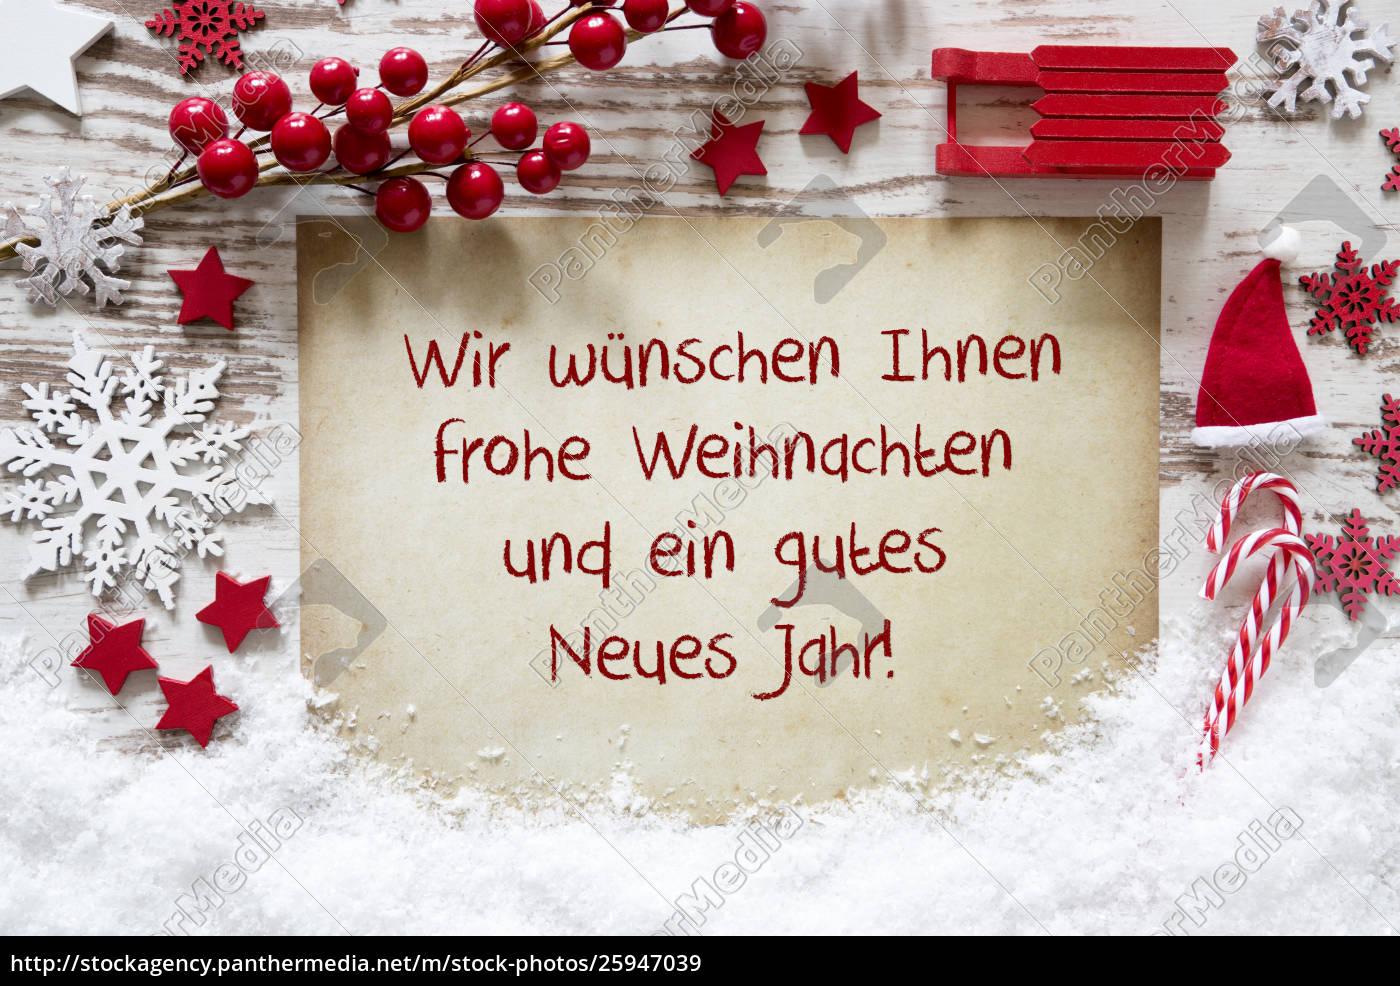 Frohe Weihnachten Und Ein Neues Jahr.Stockfoto 25947039 Frohe Weihnachten Gutes Neues Jahr Bedeutet Frohe Weihnachten